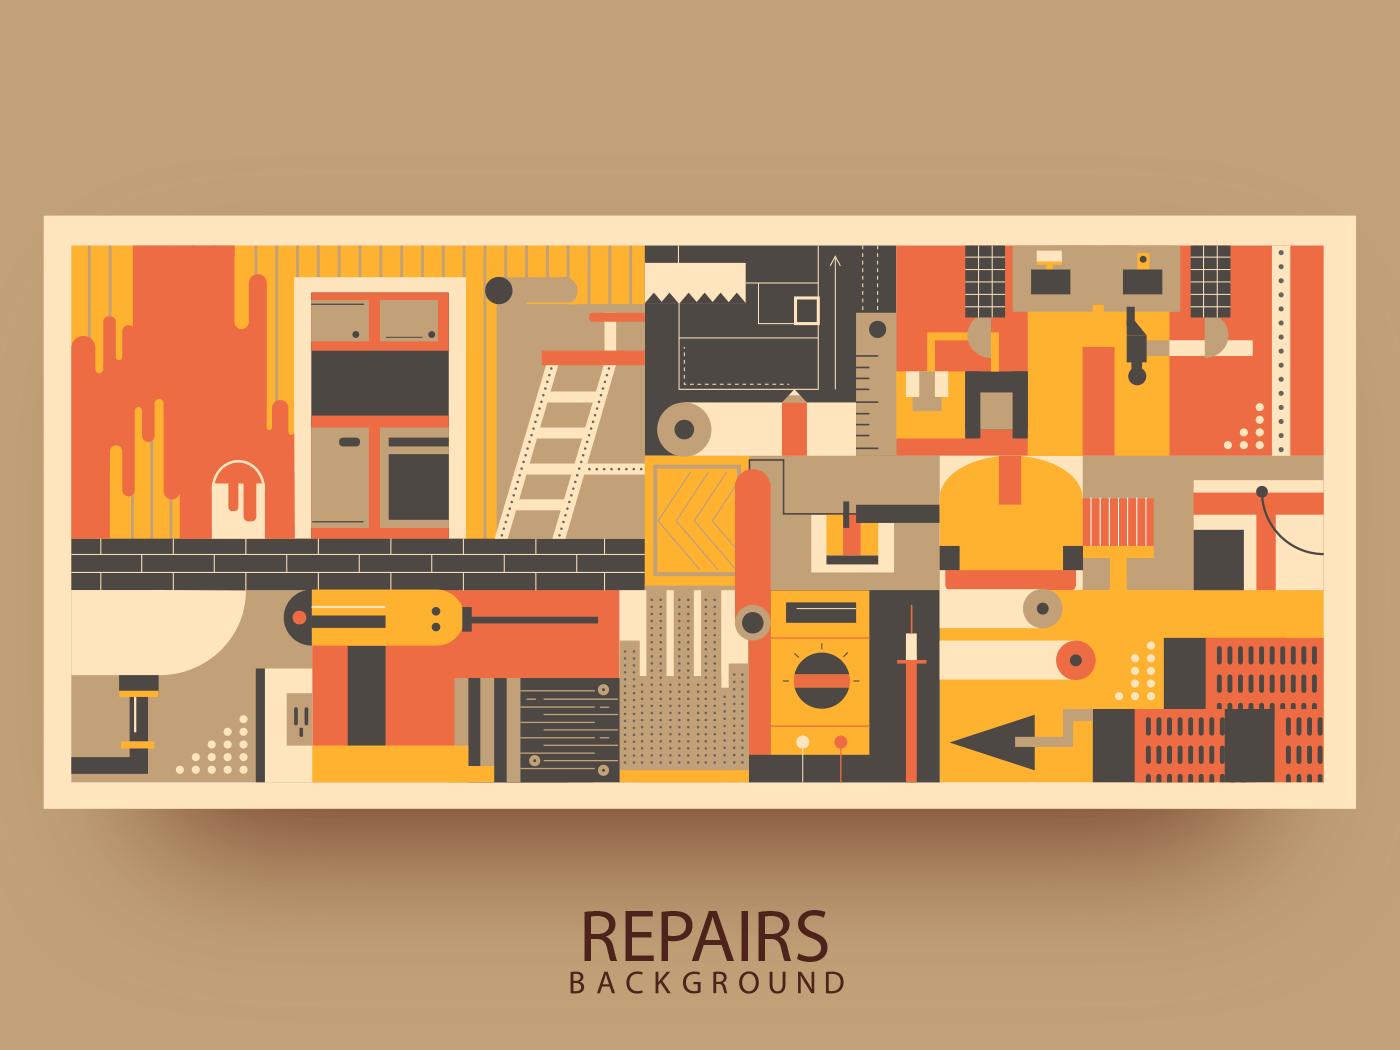 Repairs in apartment background